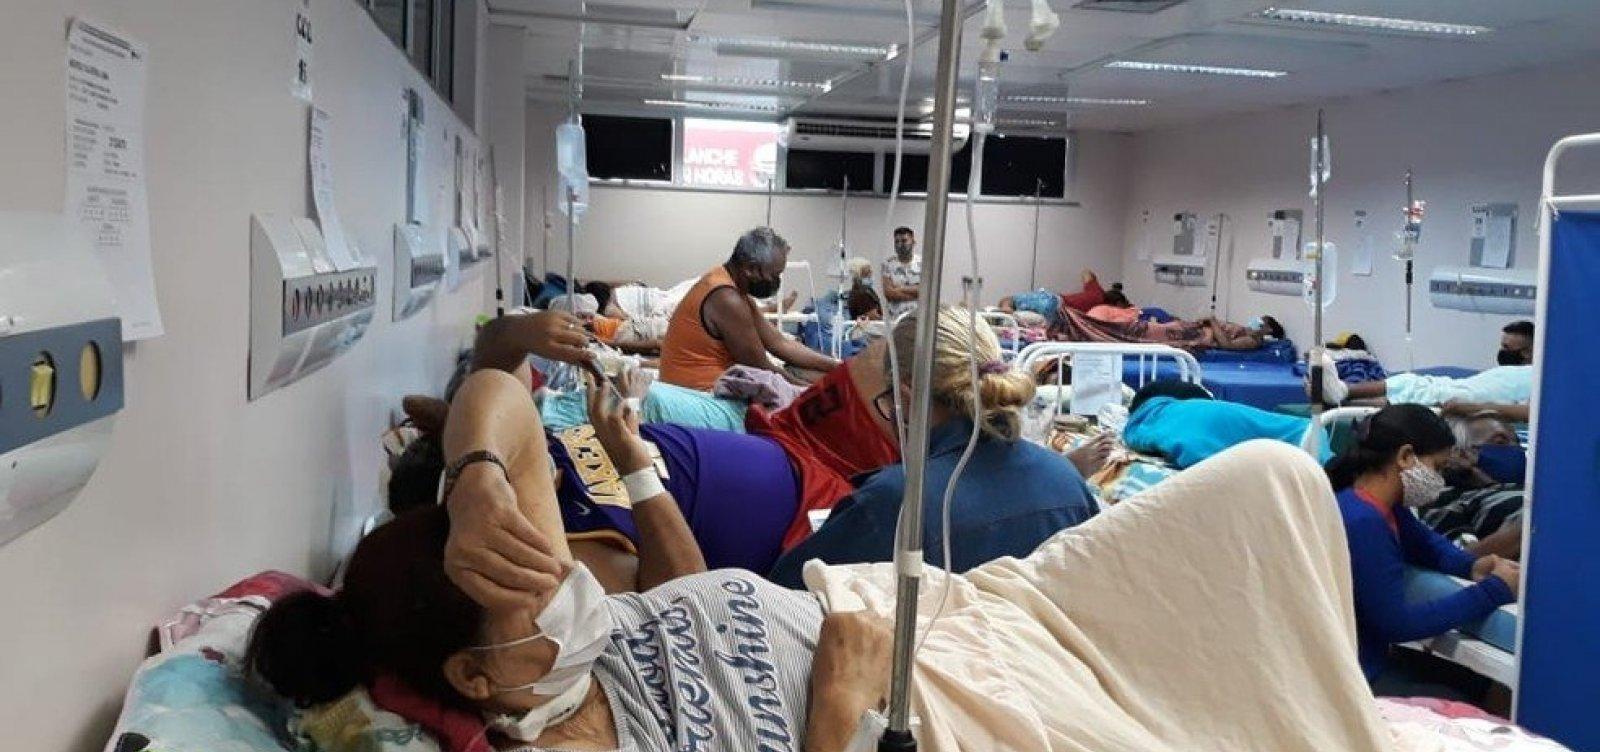 [Em meio a crise na saúde, governo autoriza ampliação de vagas do Mais Médicos em Manaus]